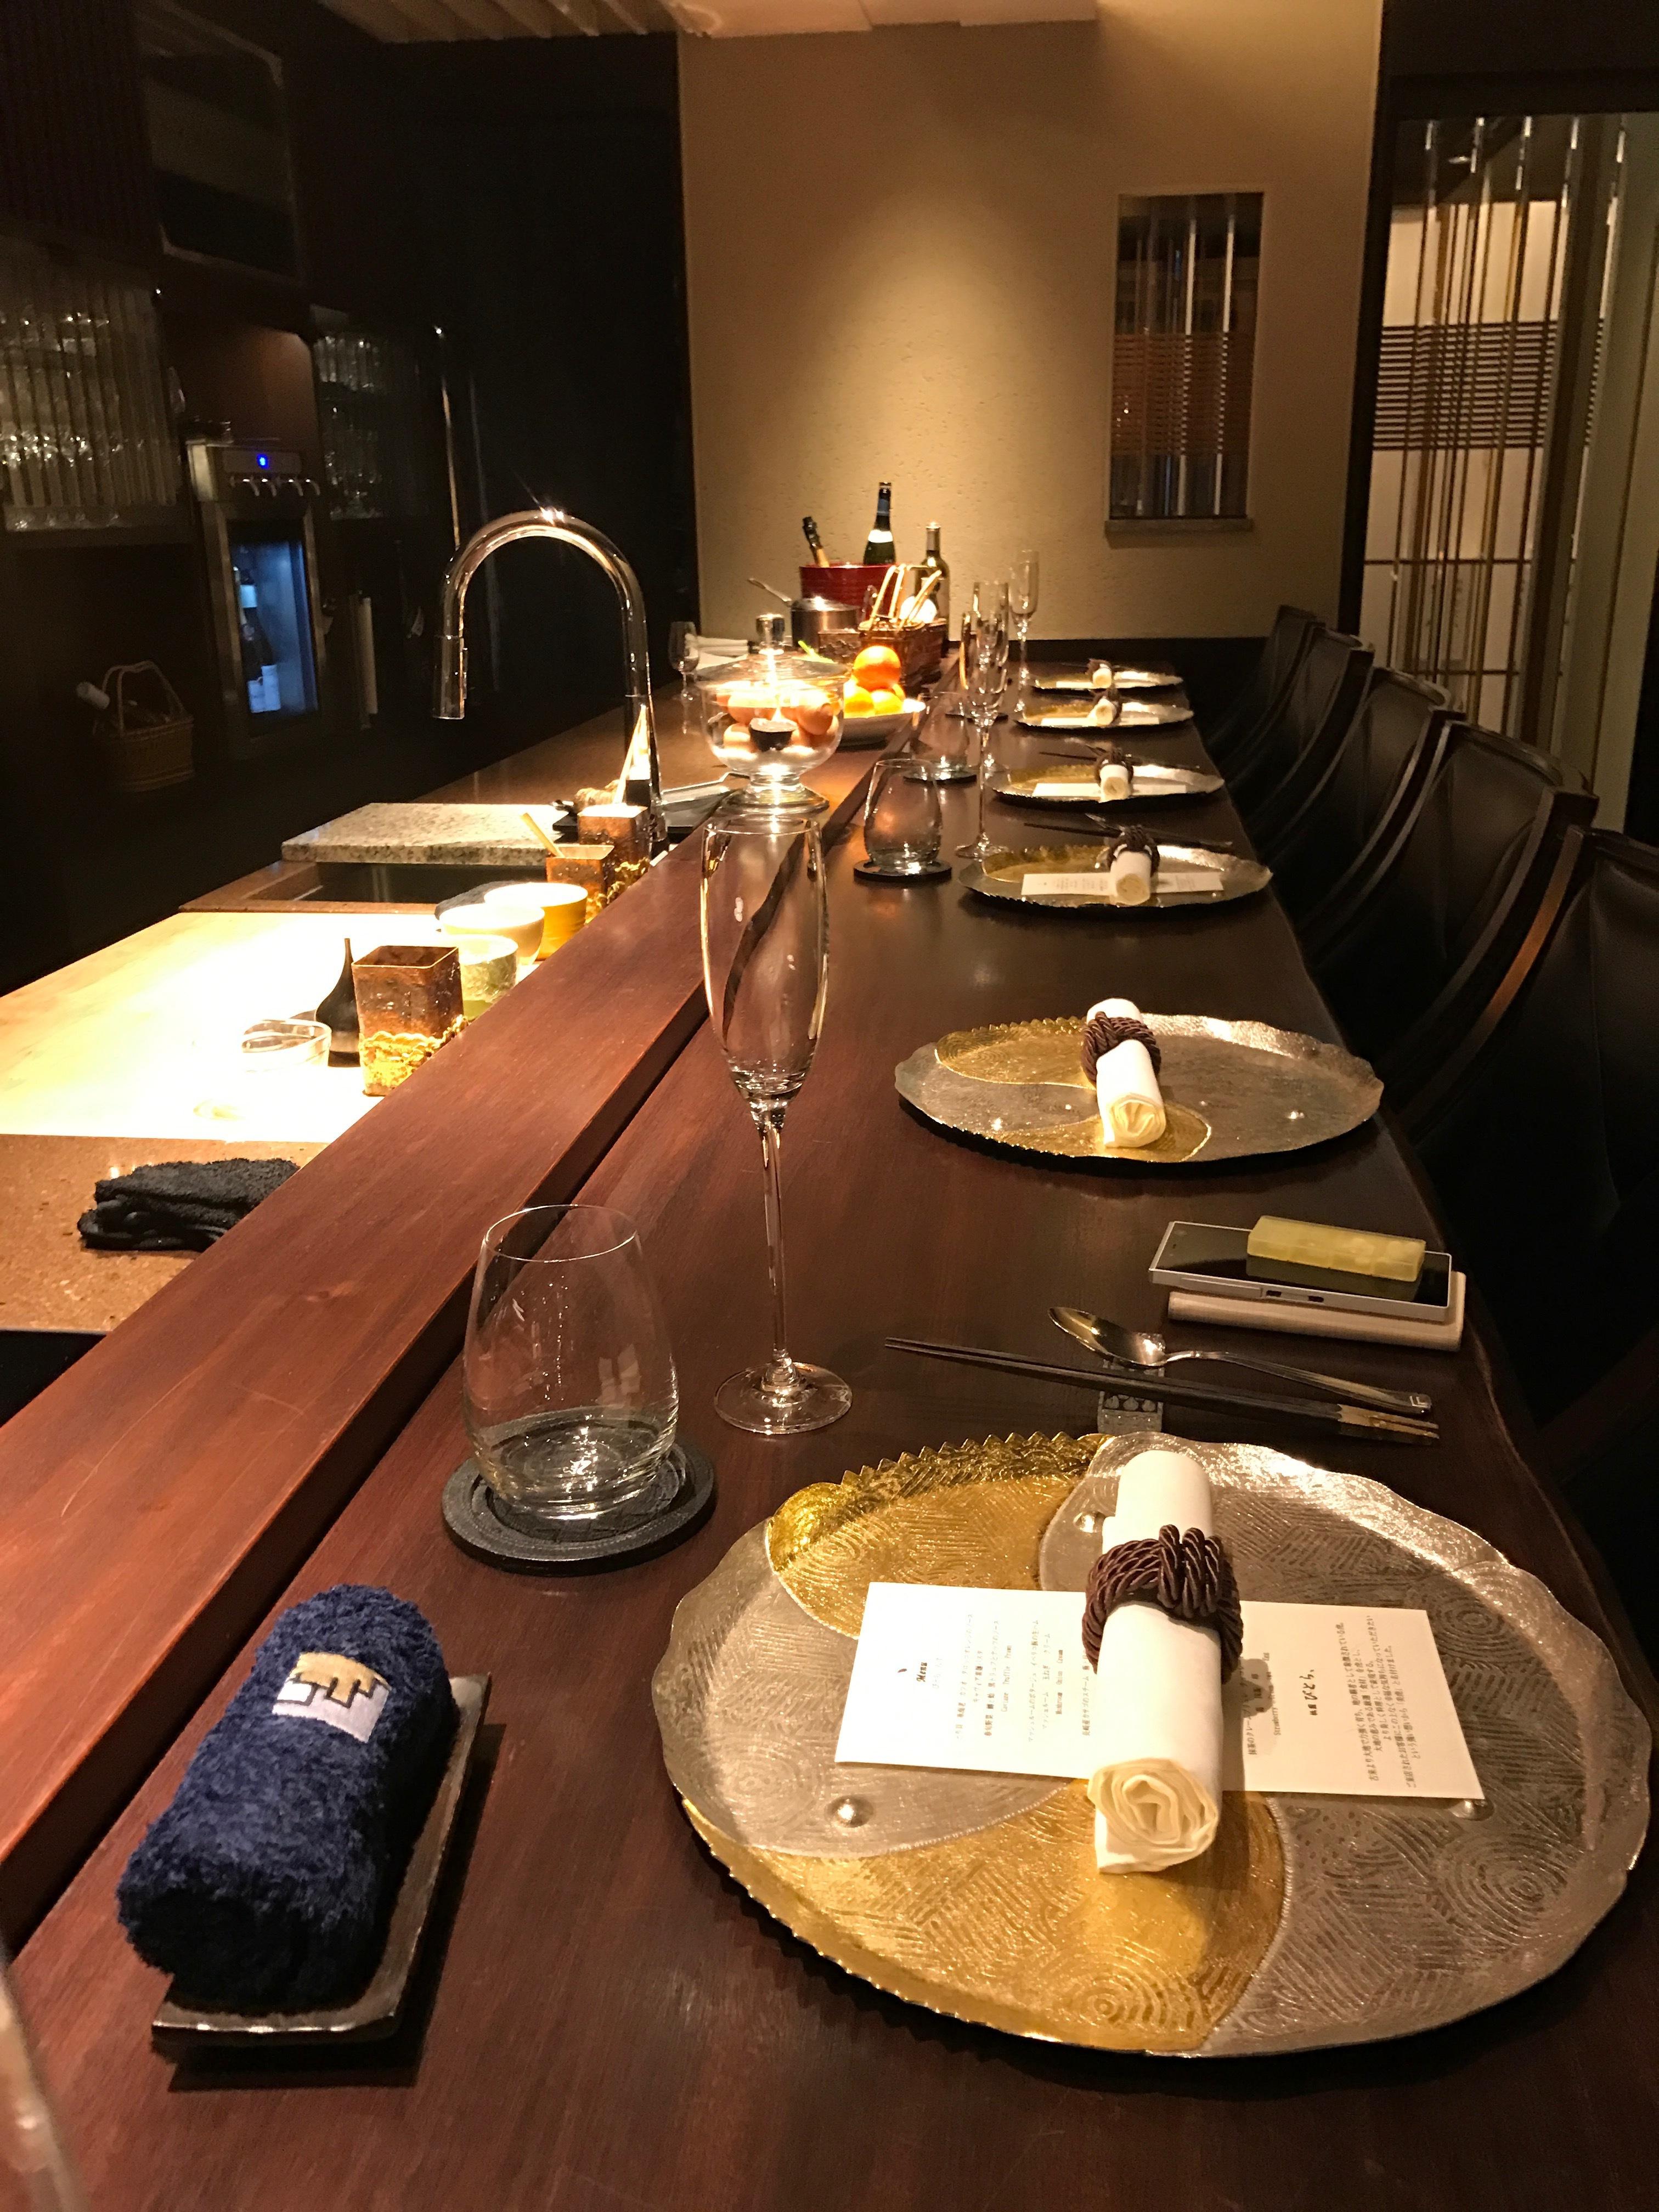 <京都開催>大人の学び舎(お箸にまつわる和の教養)と美食時間 非会員料金